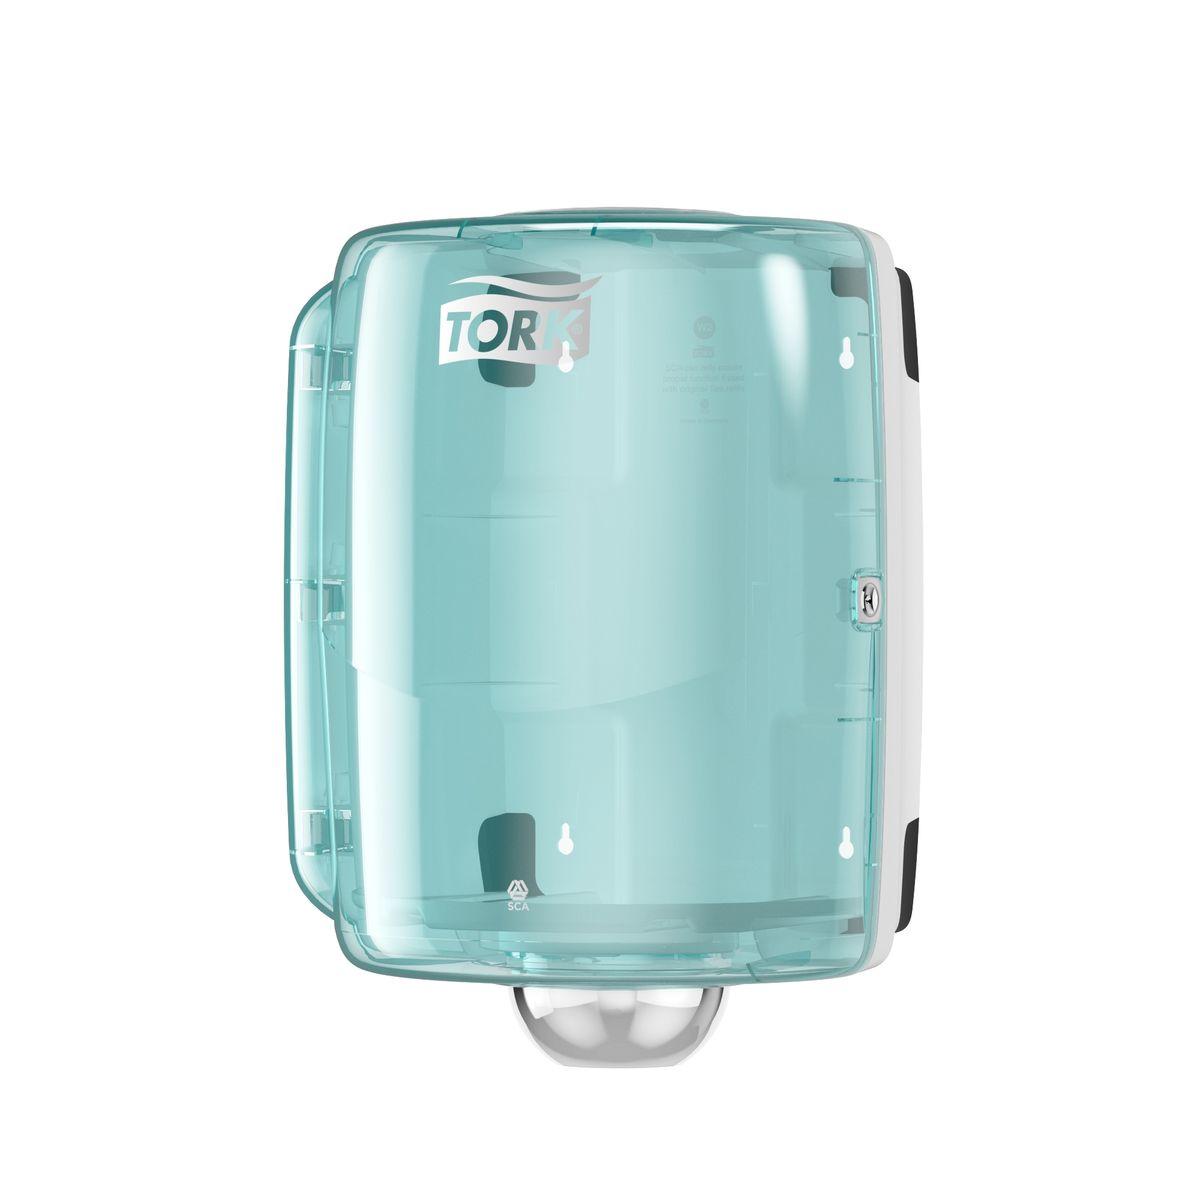 Диспенсер для туалетной бумаги Tork, цвет: белый . 65300068/5/3Система W2.Серия Performance.Идеально подходит для пищевого производства, ресторанной кухни и промышленных зон.- Повышенная емкость- Защита рулона от попадания брызг- Широкий выбор расходных материалов- Возможность крепления к стене для экономии места